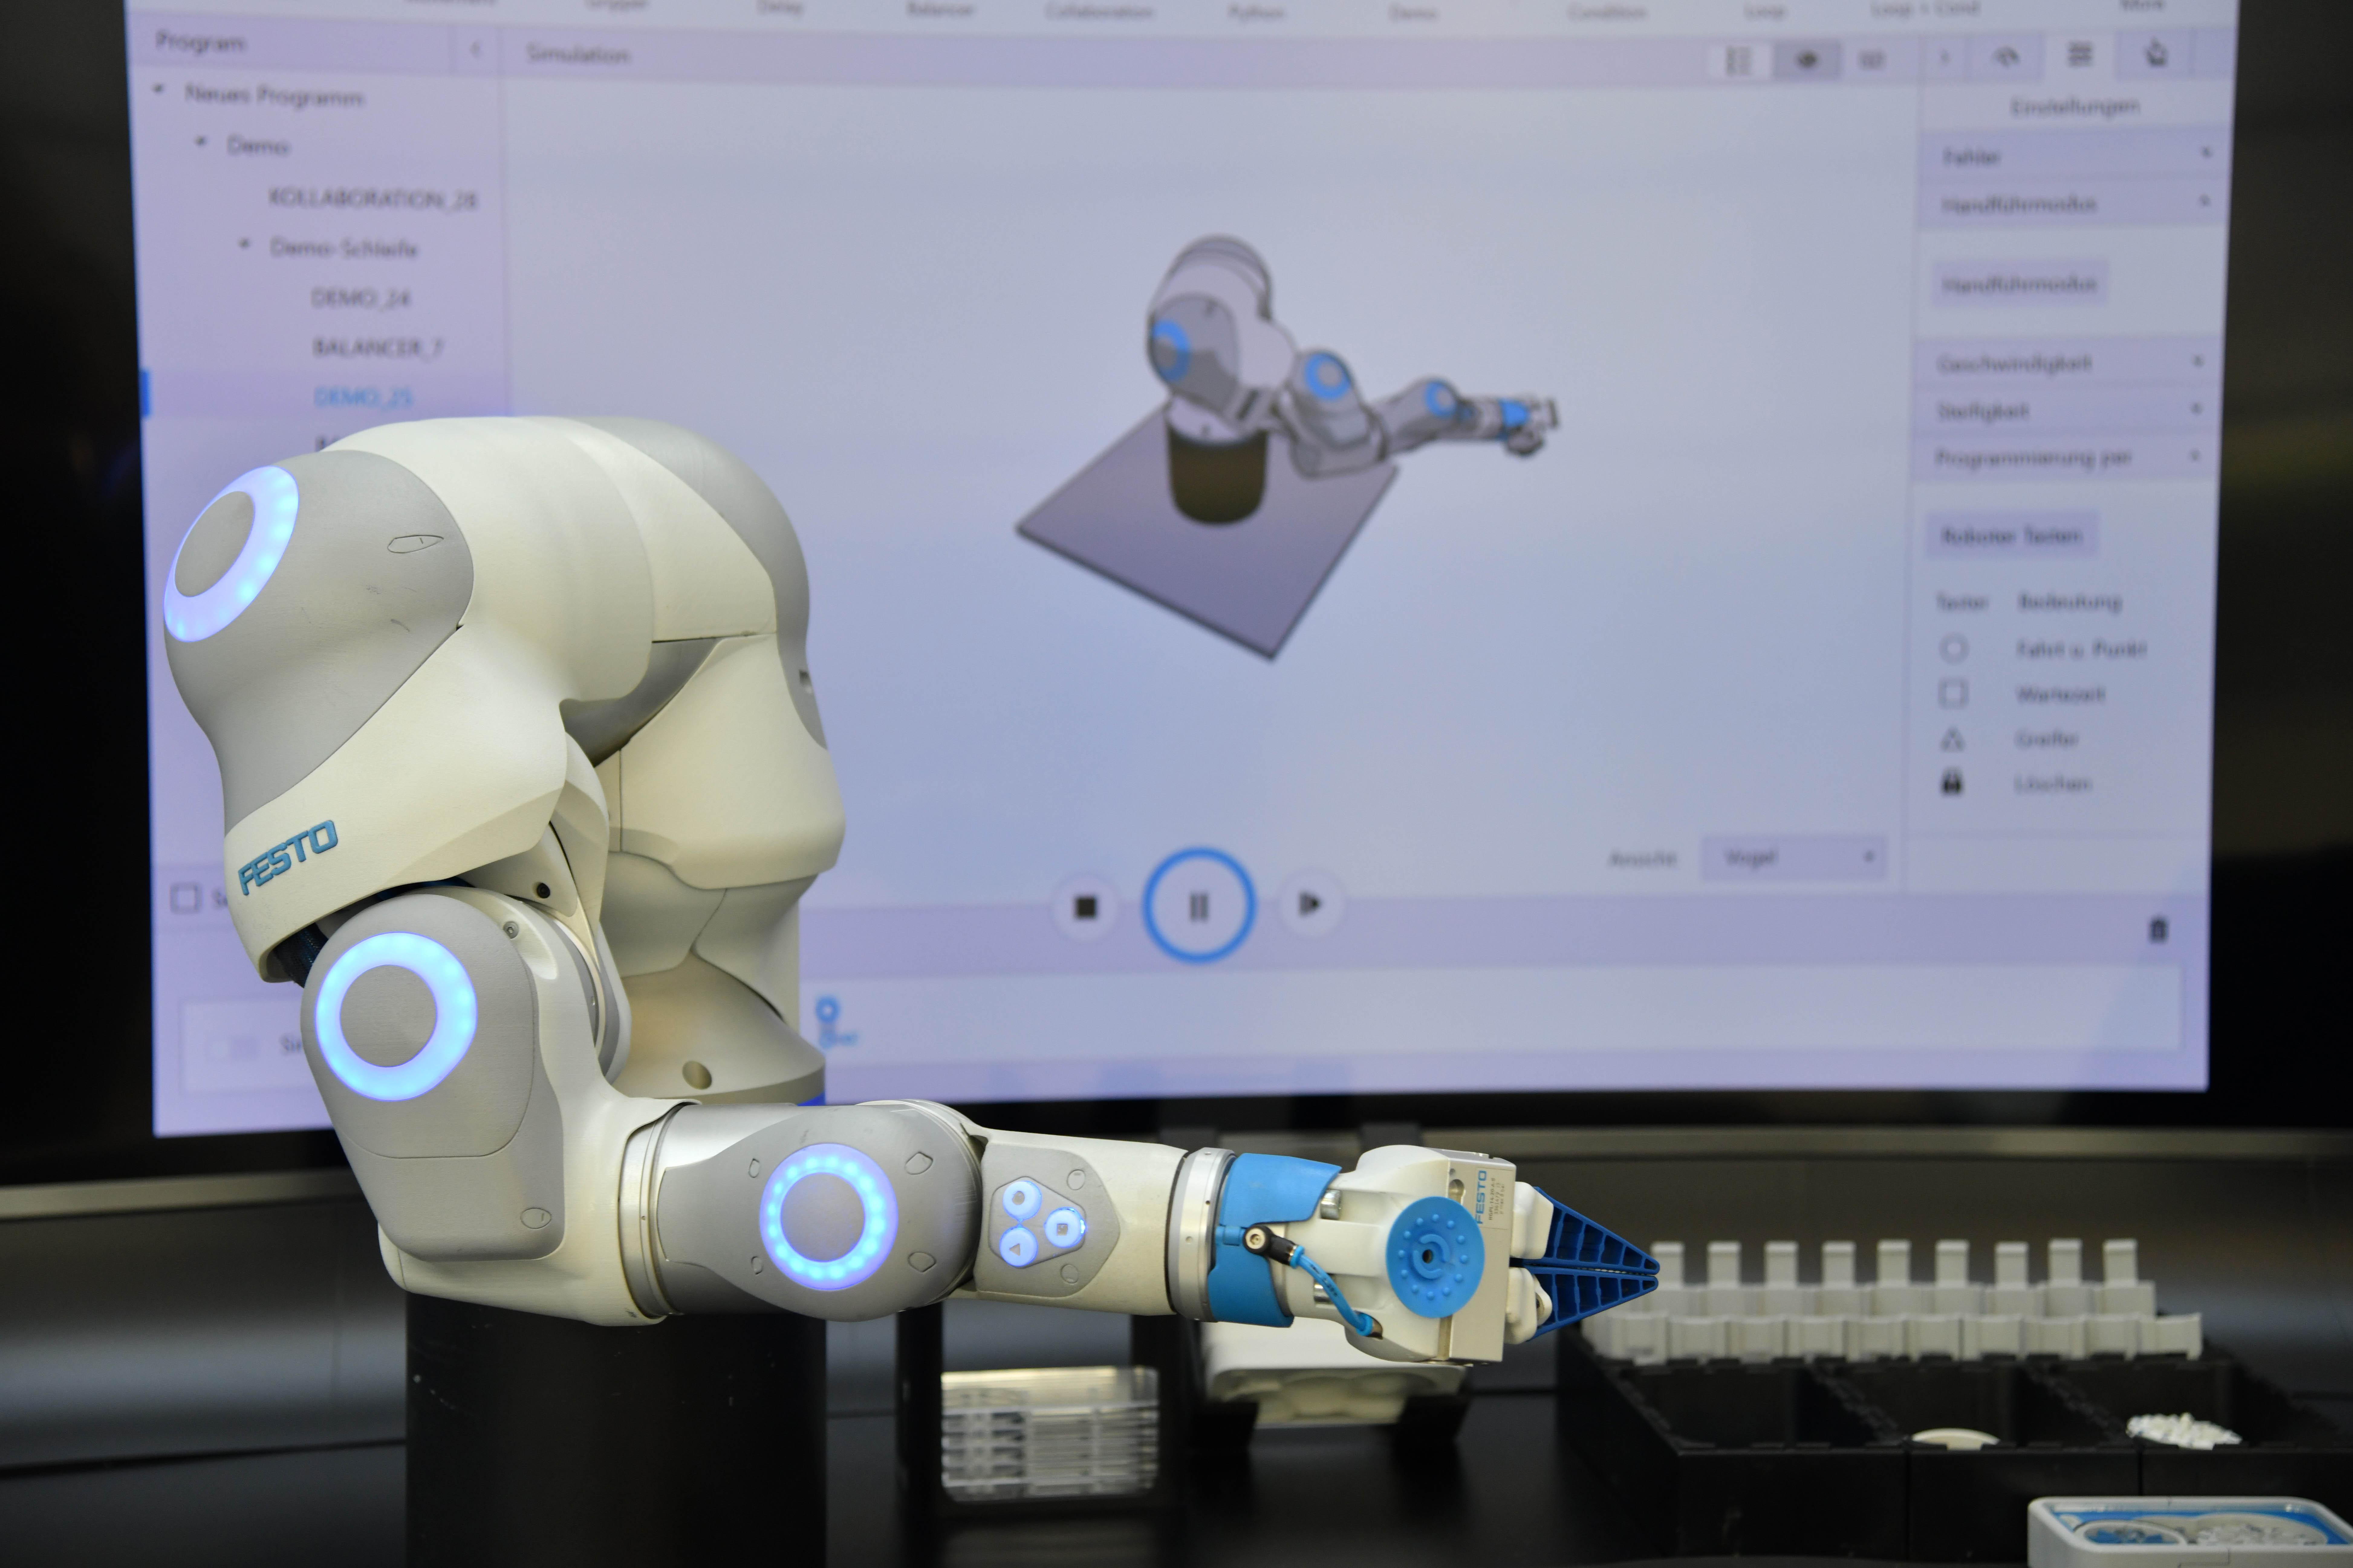 BionicCobot